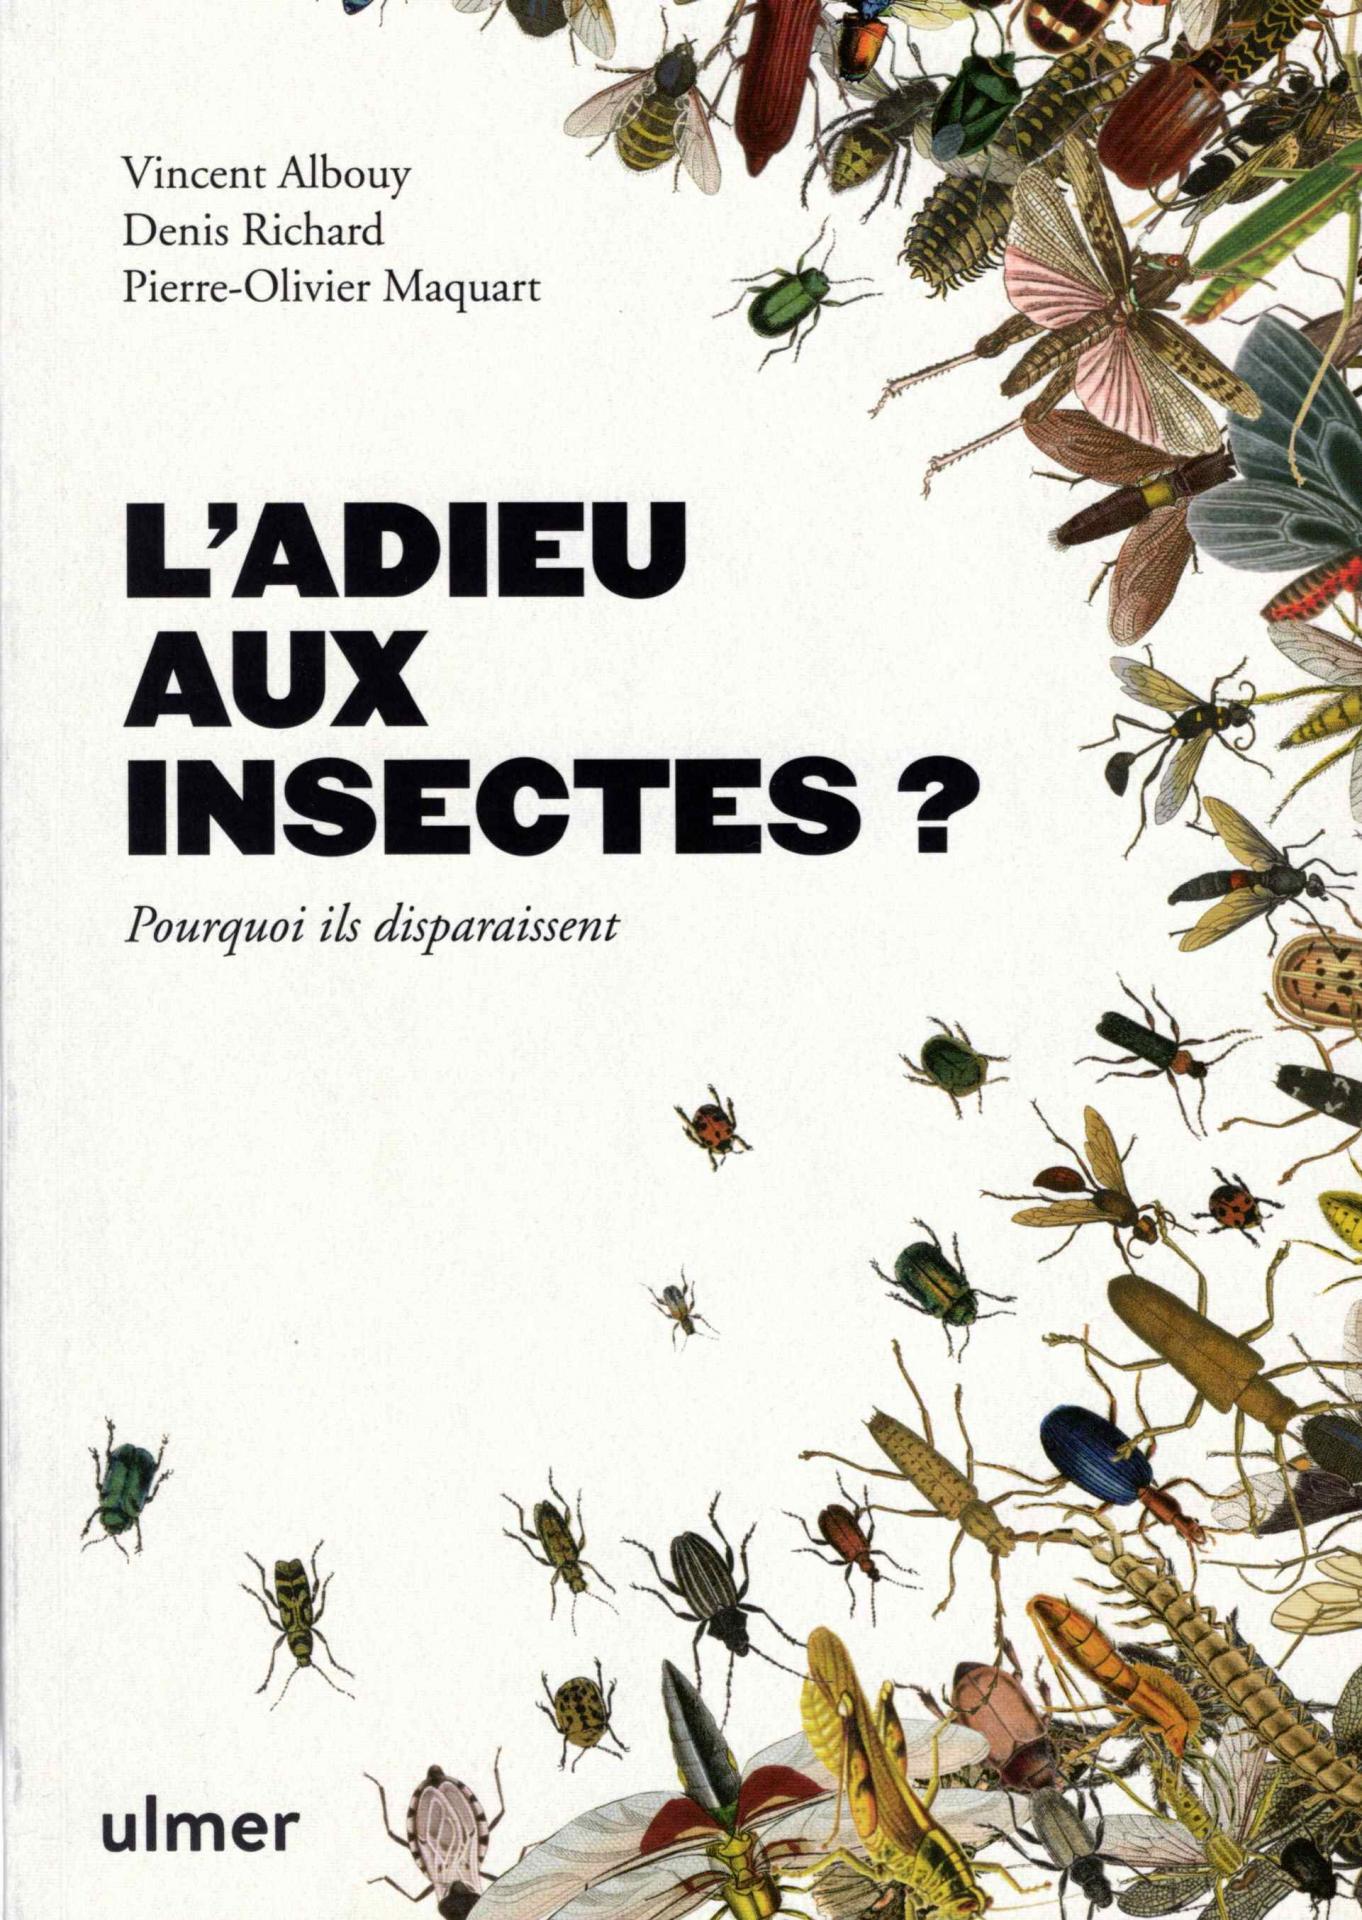 Adieu aux insectes scan